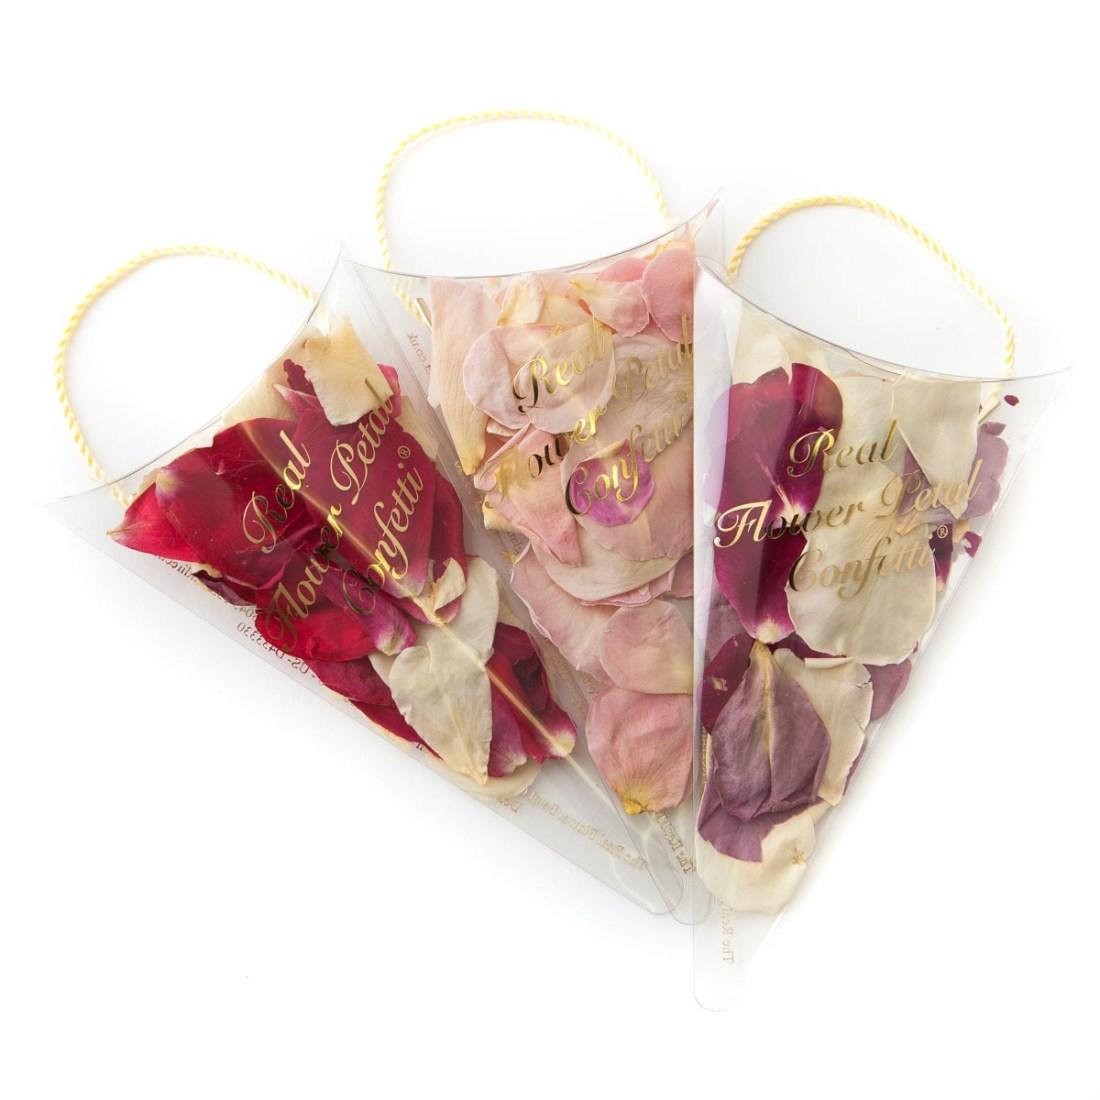 Confetti Moment - rose petal confetti sachets